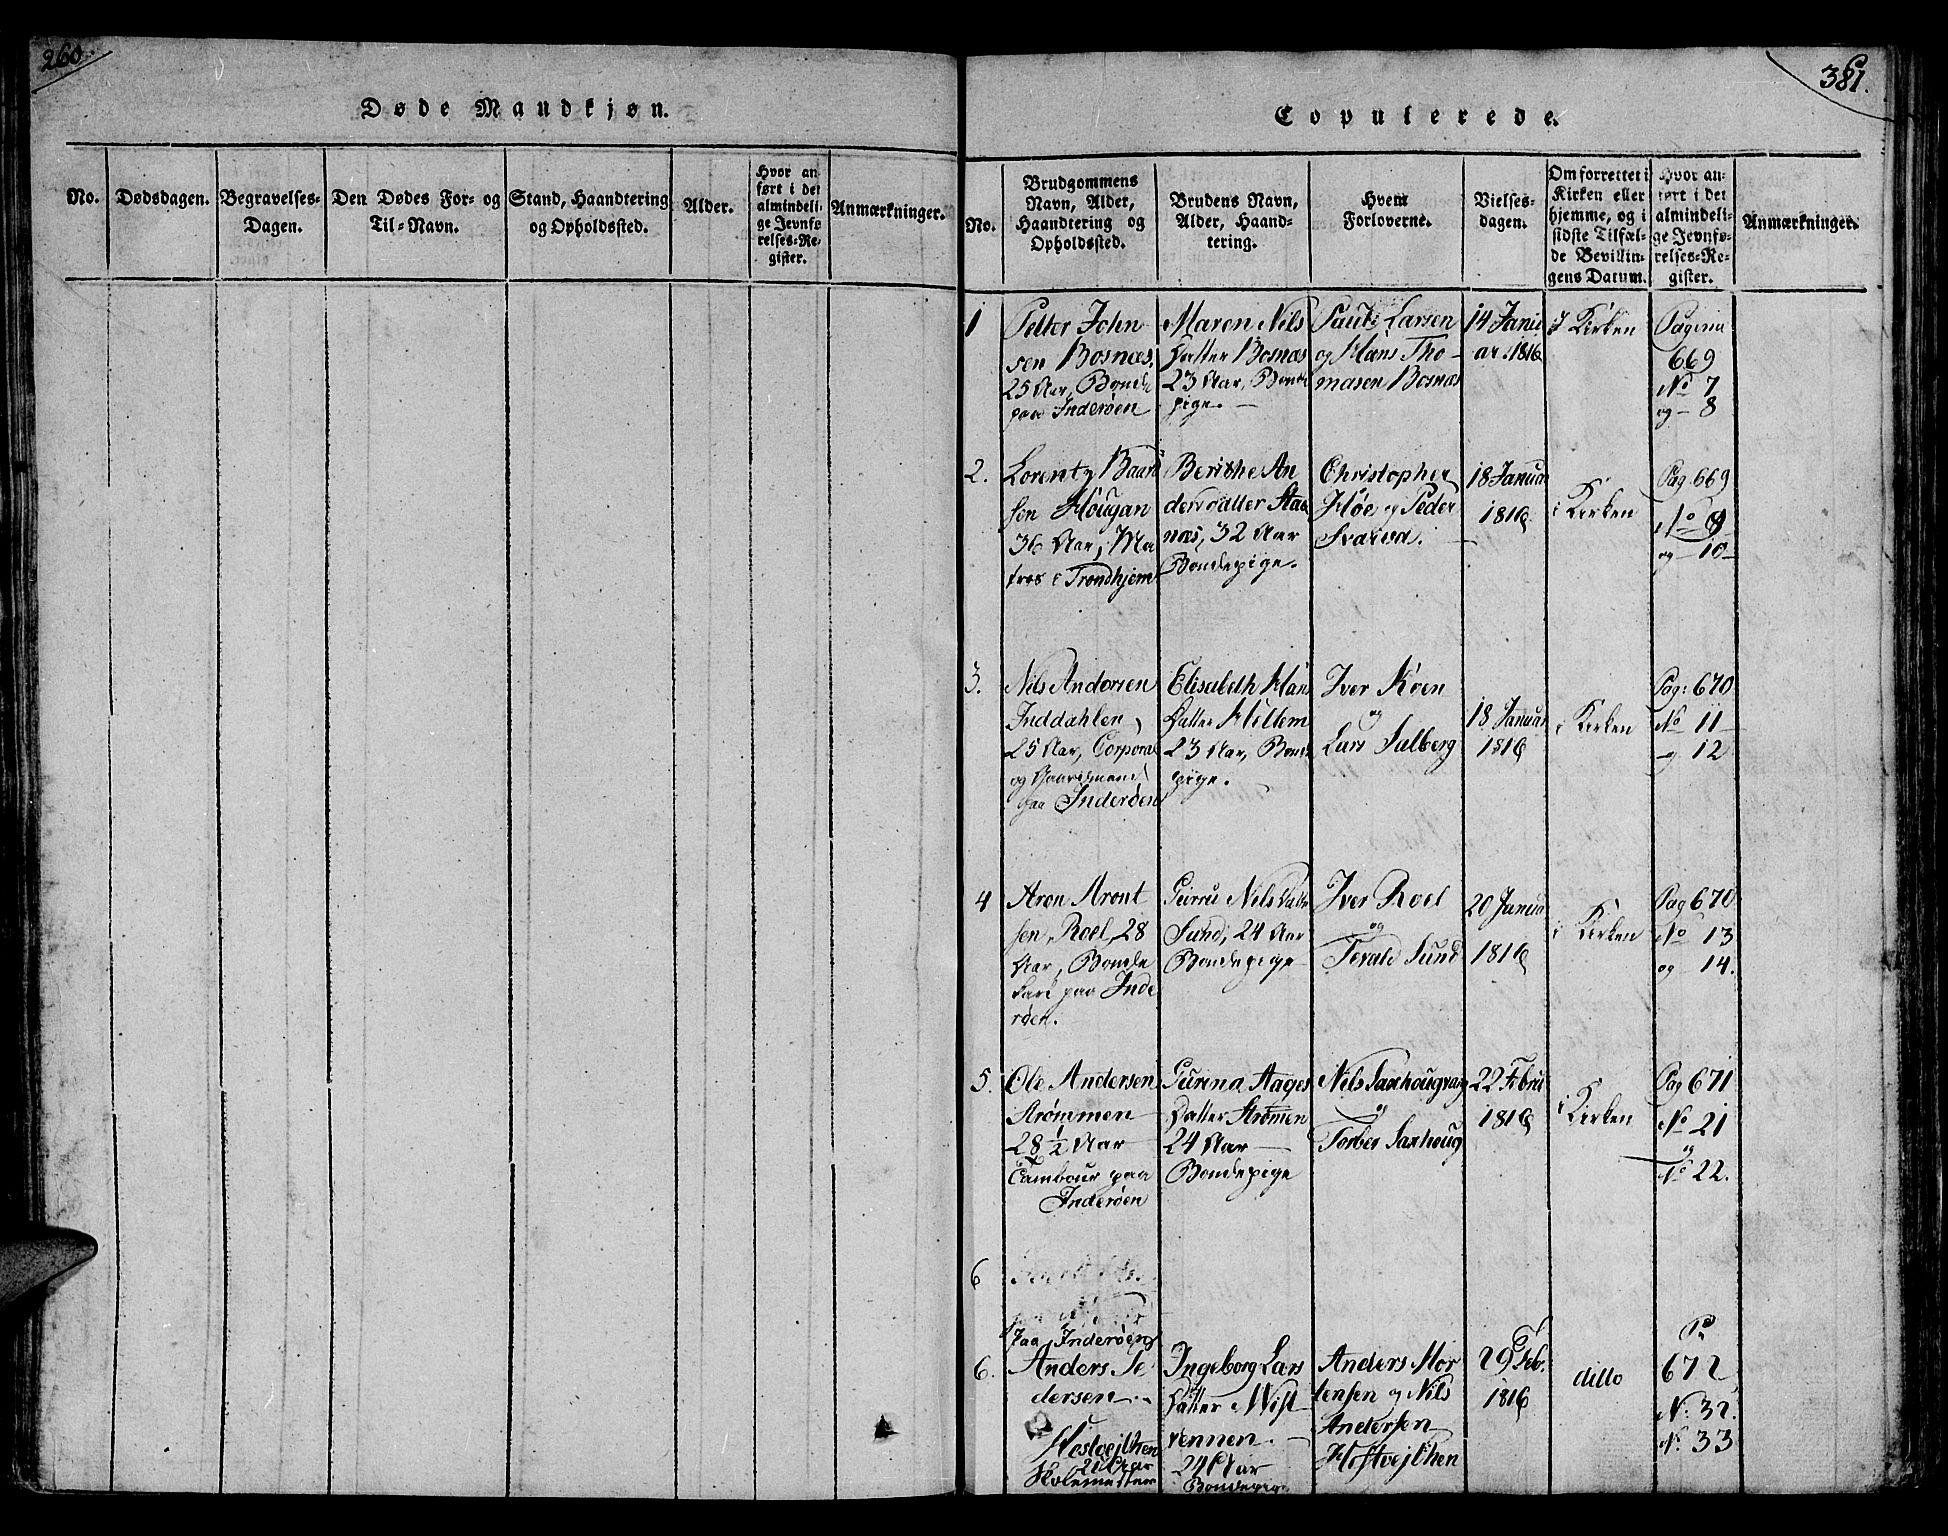 SAT, Ministerialprotokoller, klokkerbøker og fødselsregistre - Nord-Trøndelag, 730/L0275: Parish register (official) no. 730A04, 1816-1822, p. 260-381